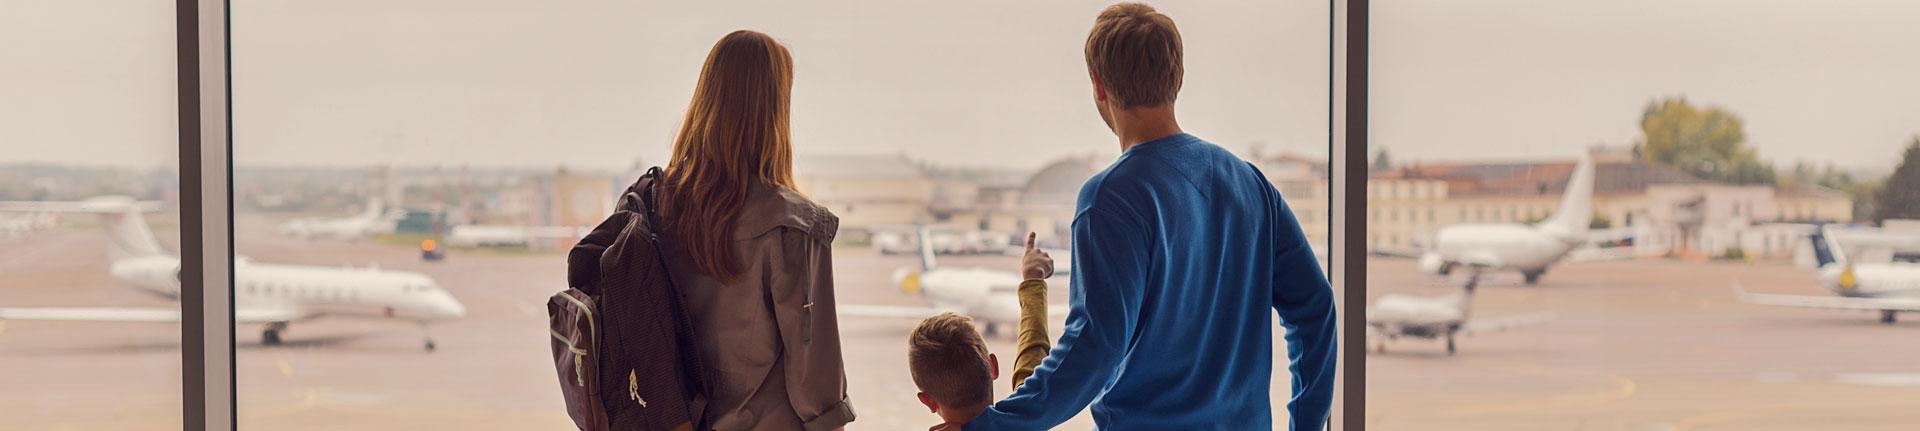 Família, viagem e diversão!